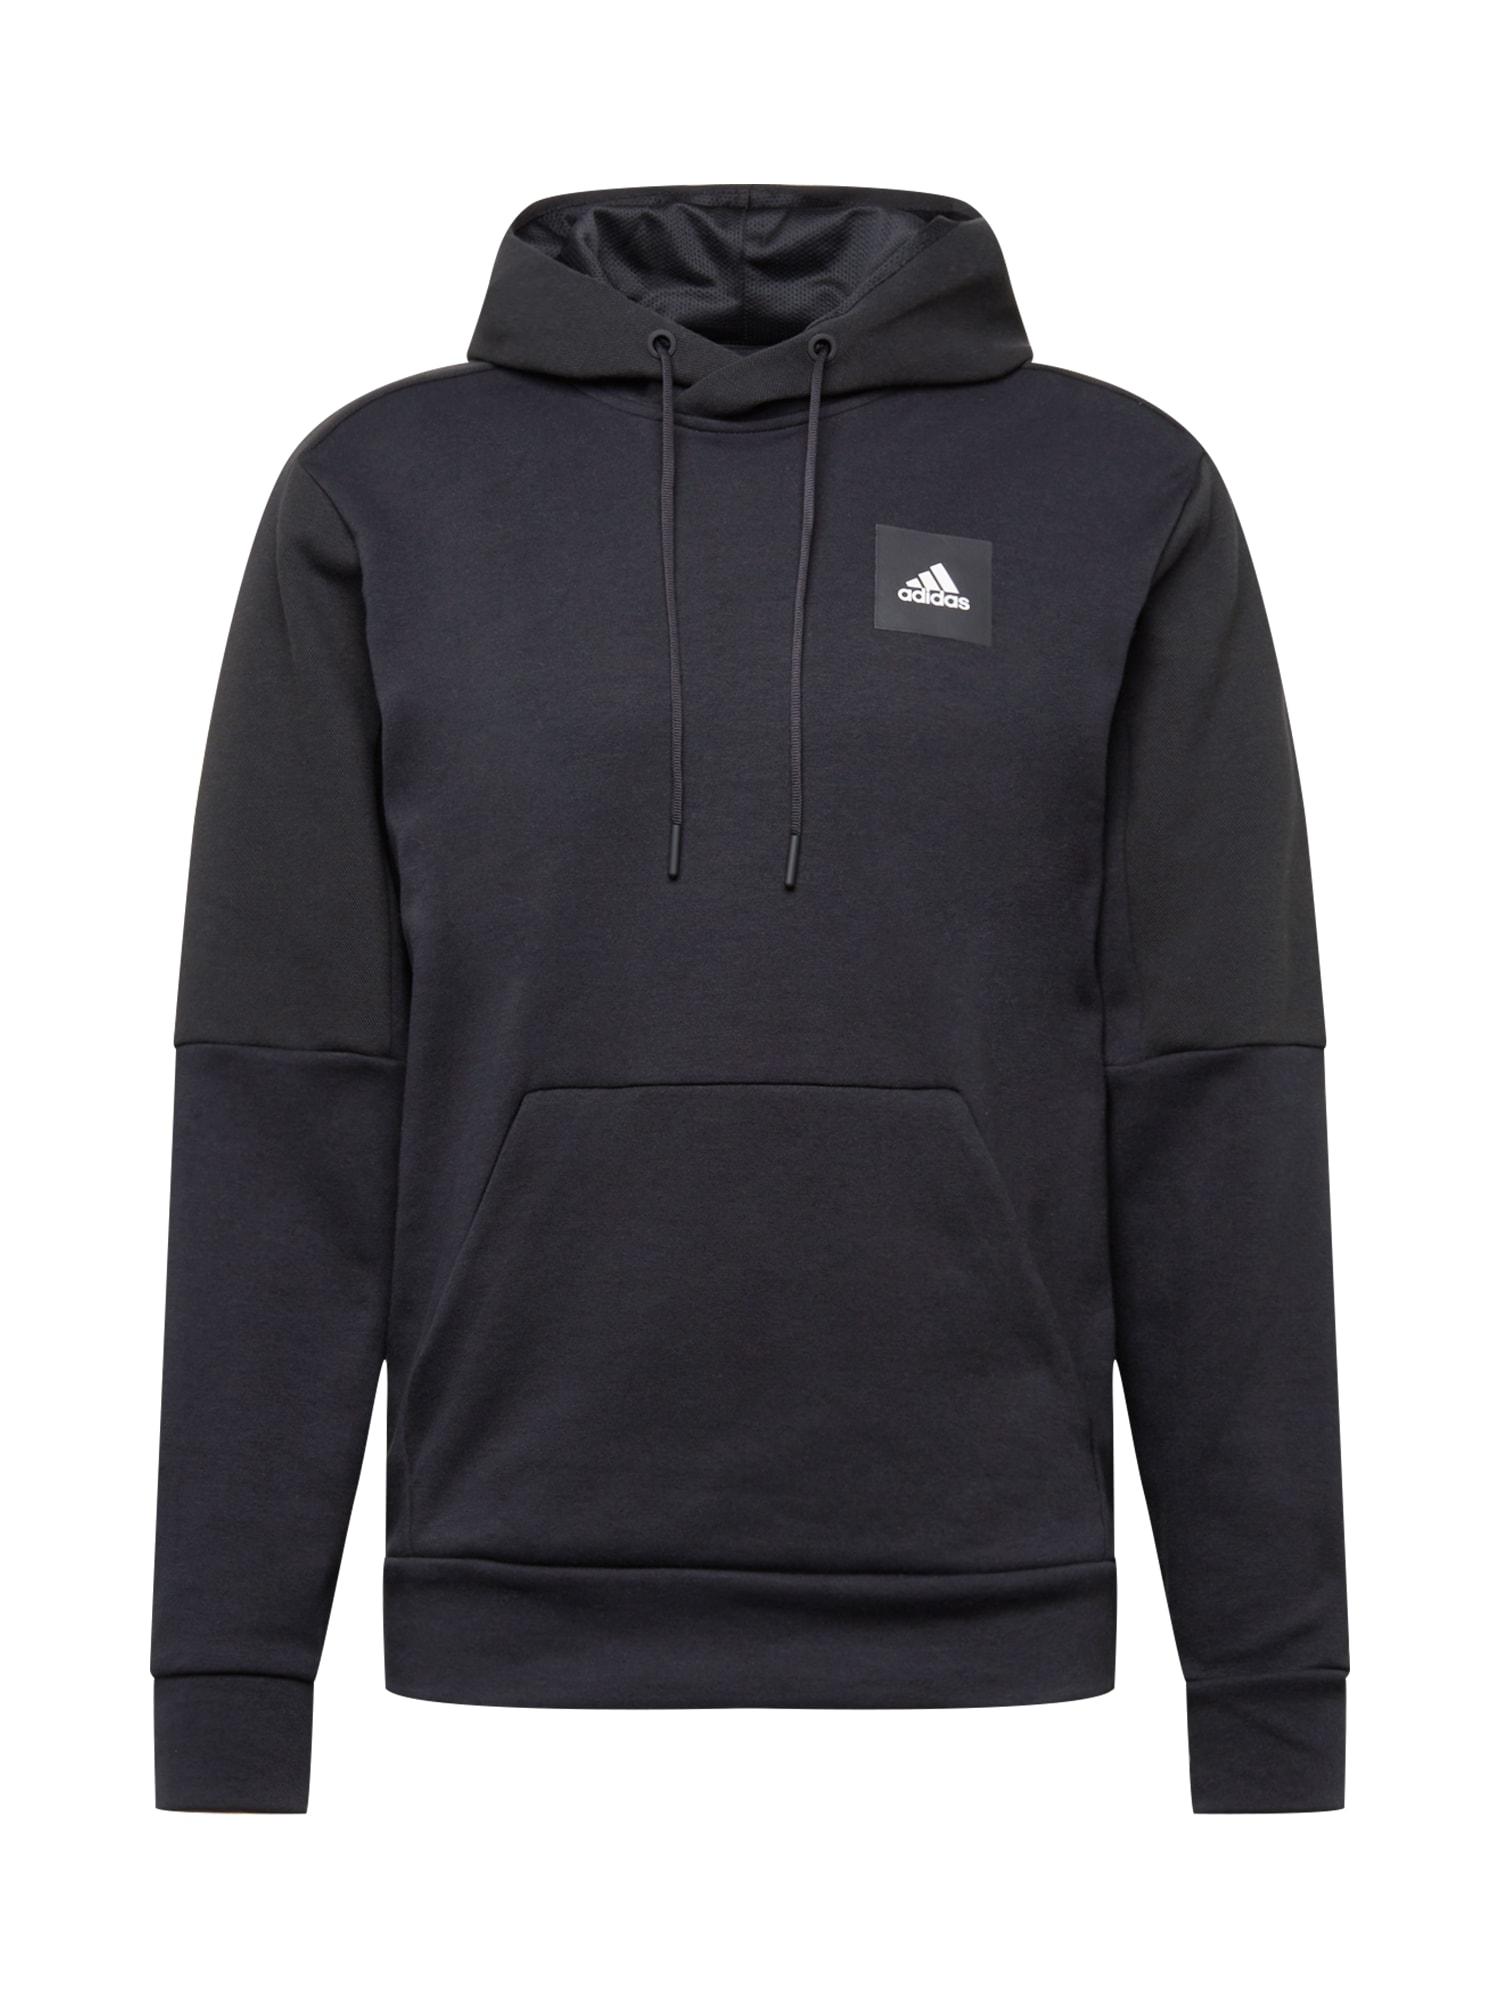 ADIDAS PERFORMANCE Sportinio tipo megztinis 'STADIUM' juoda